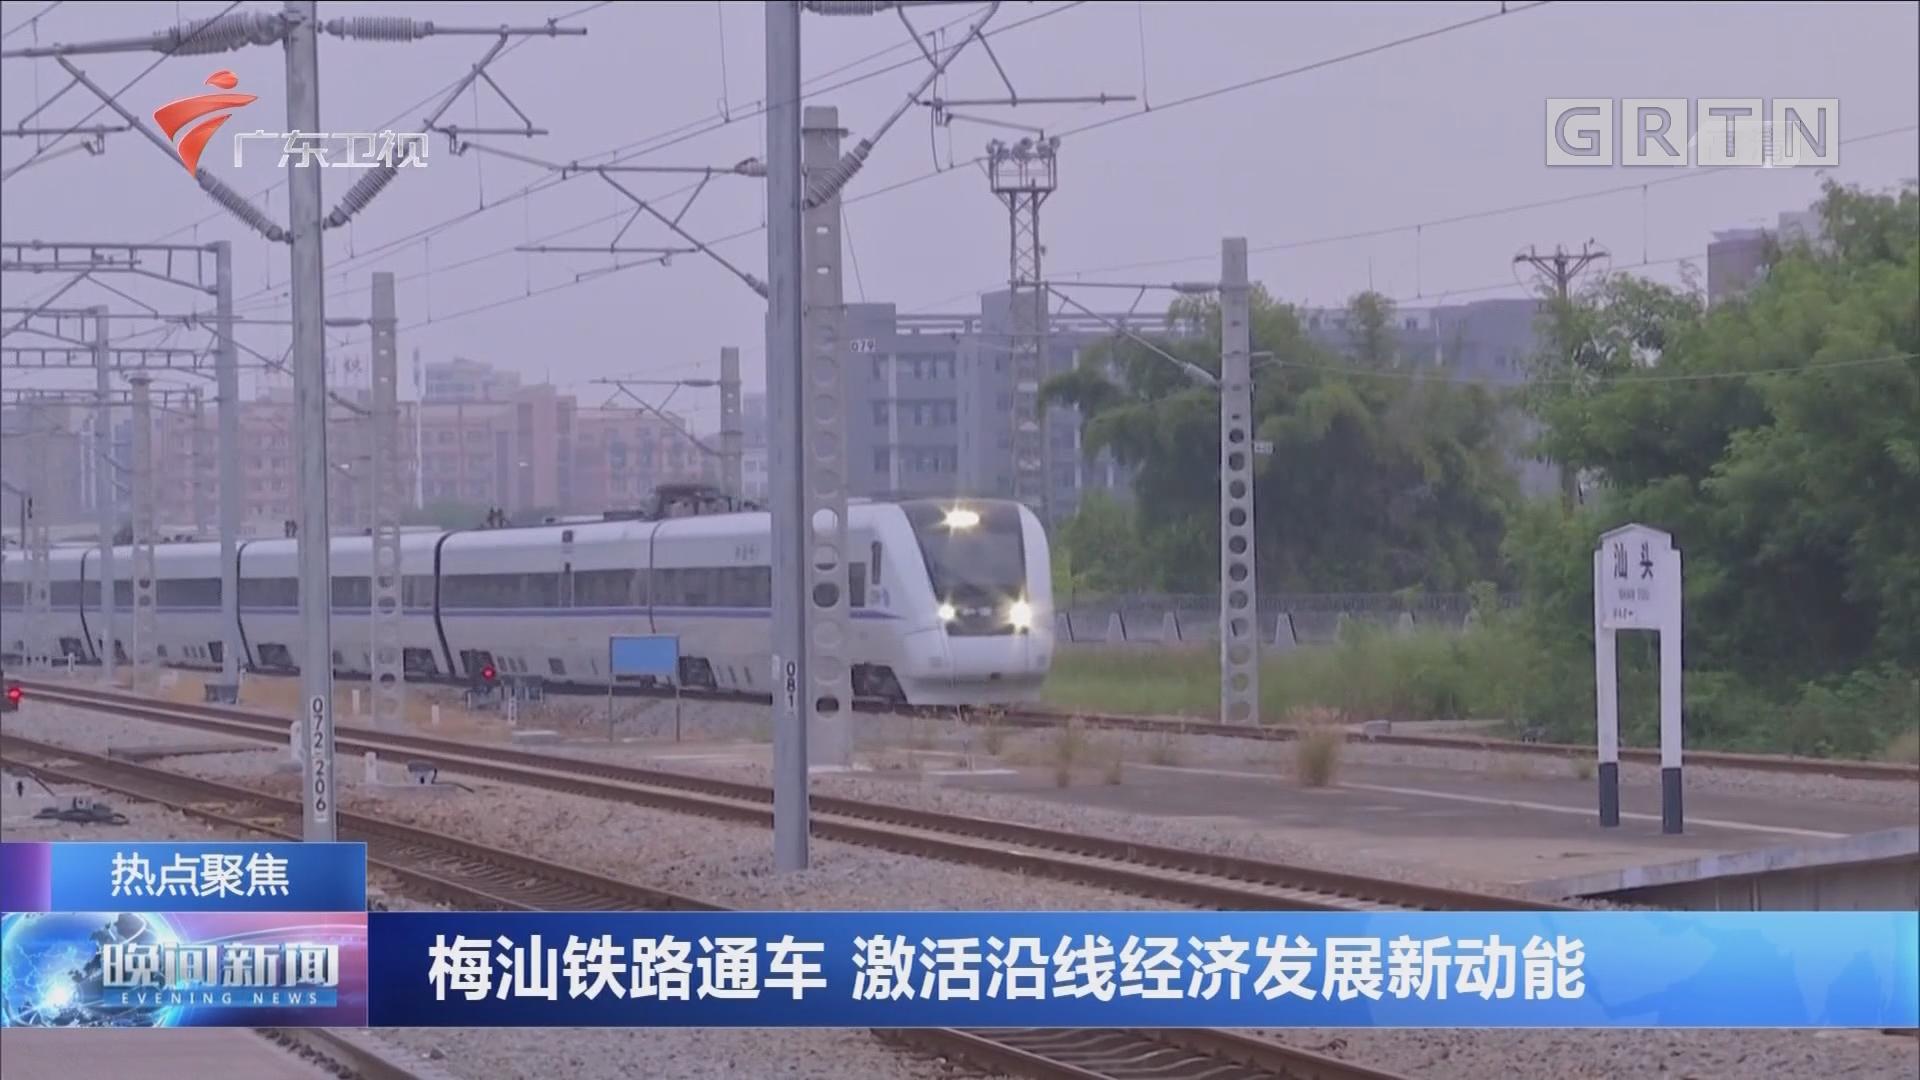 梅汕铁路通车 激活沿线经济发展新动能